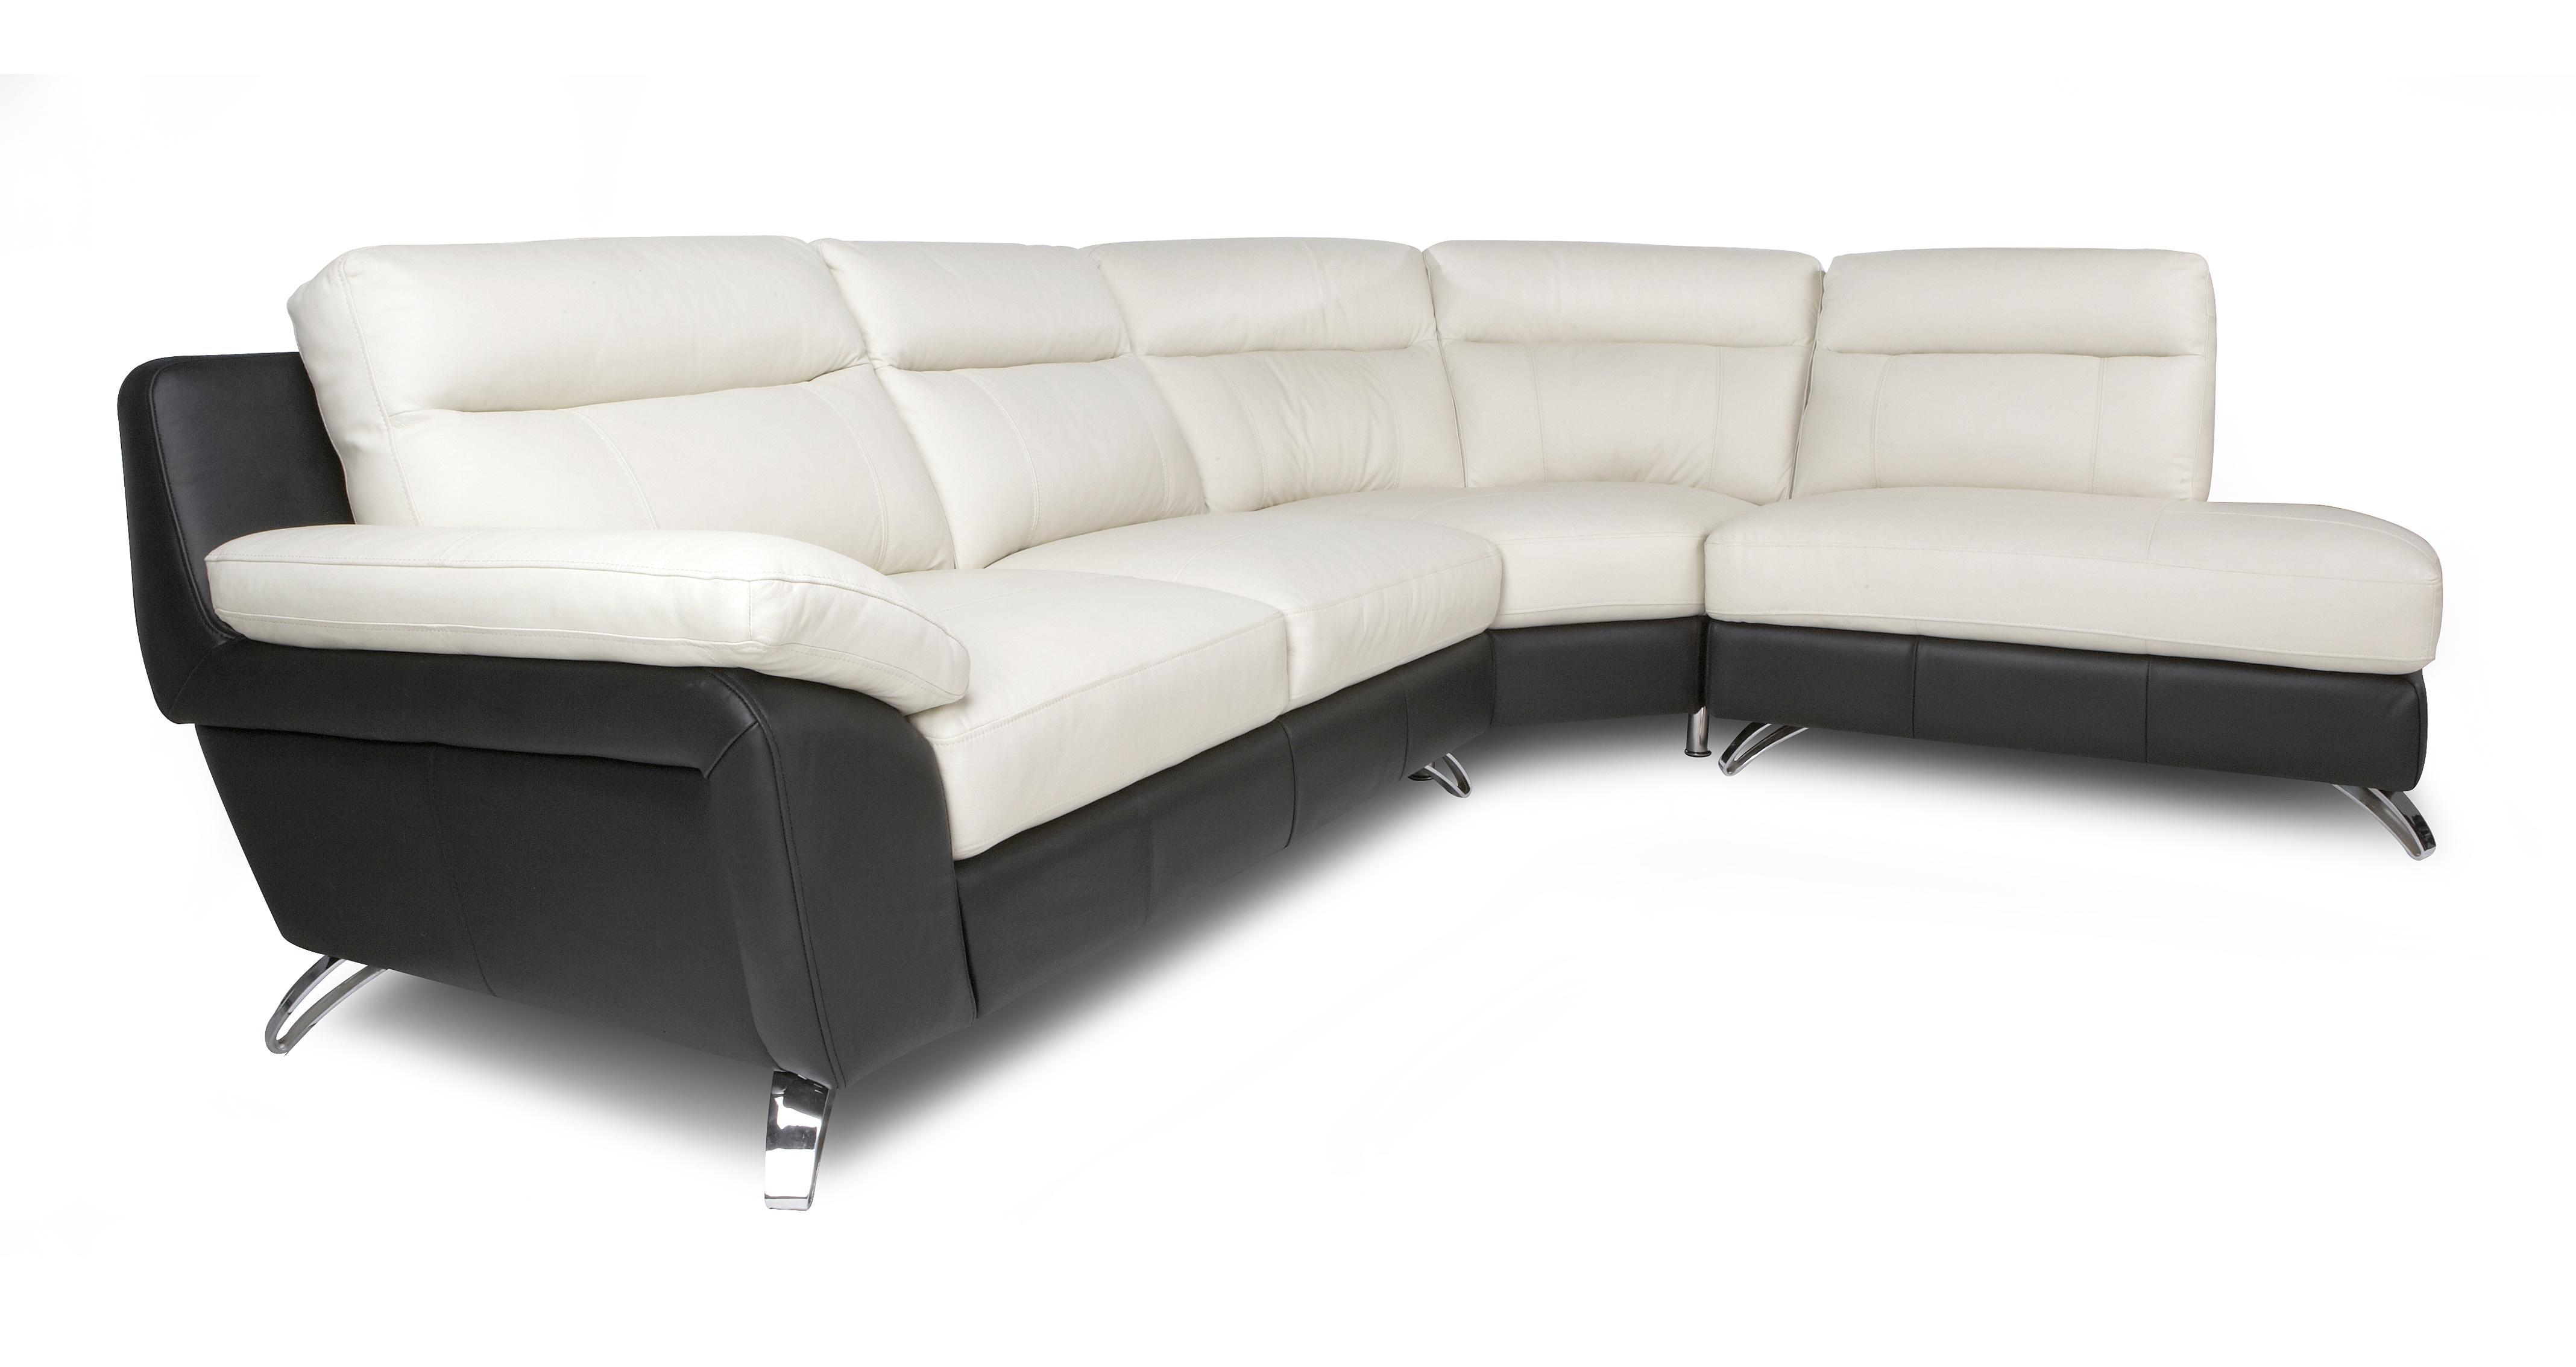 Cool Dfs Linea Corner Sofa Reviews Looksisquare Com Inzonedesignstudio Interior Chair Design Inzonedesignstudiocom